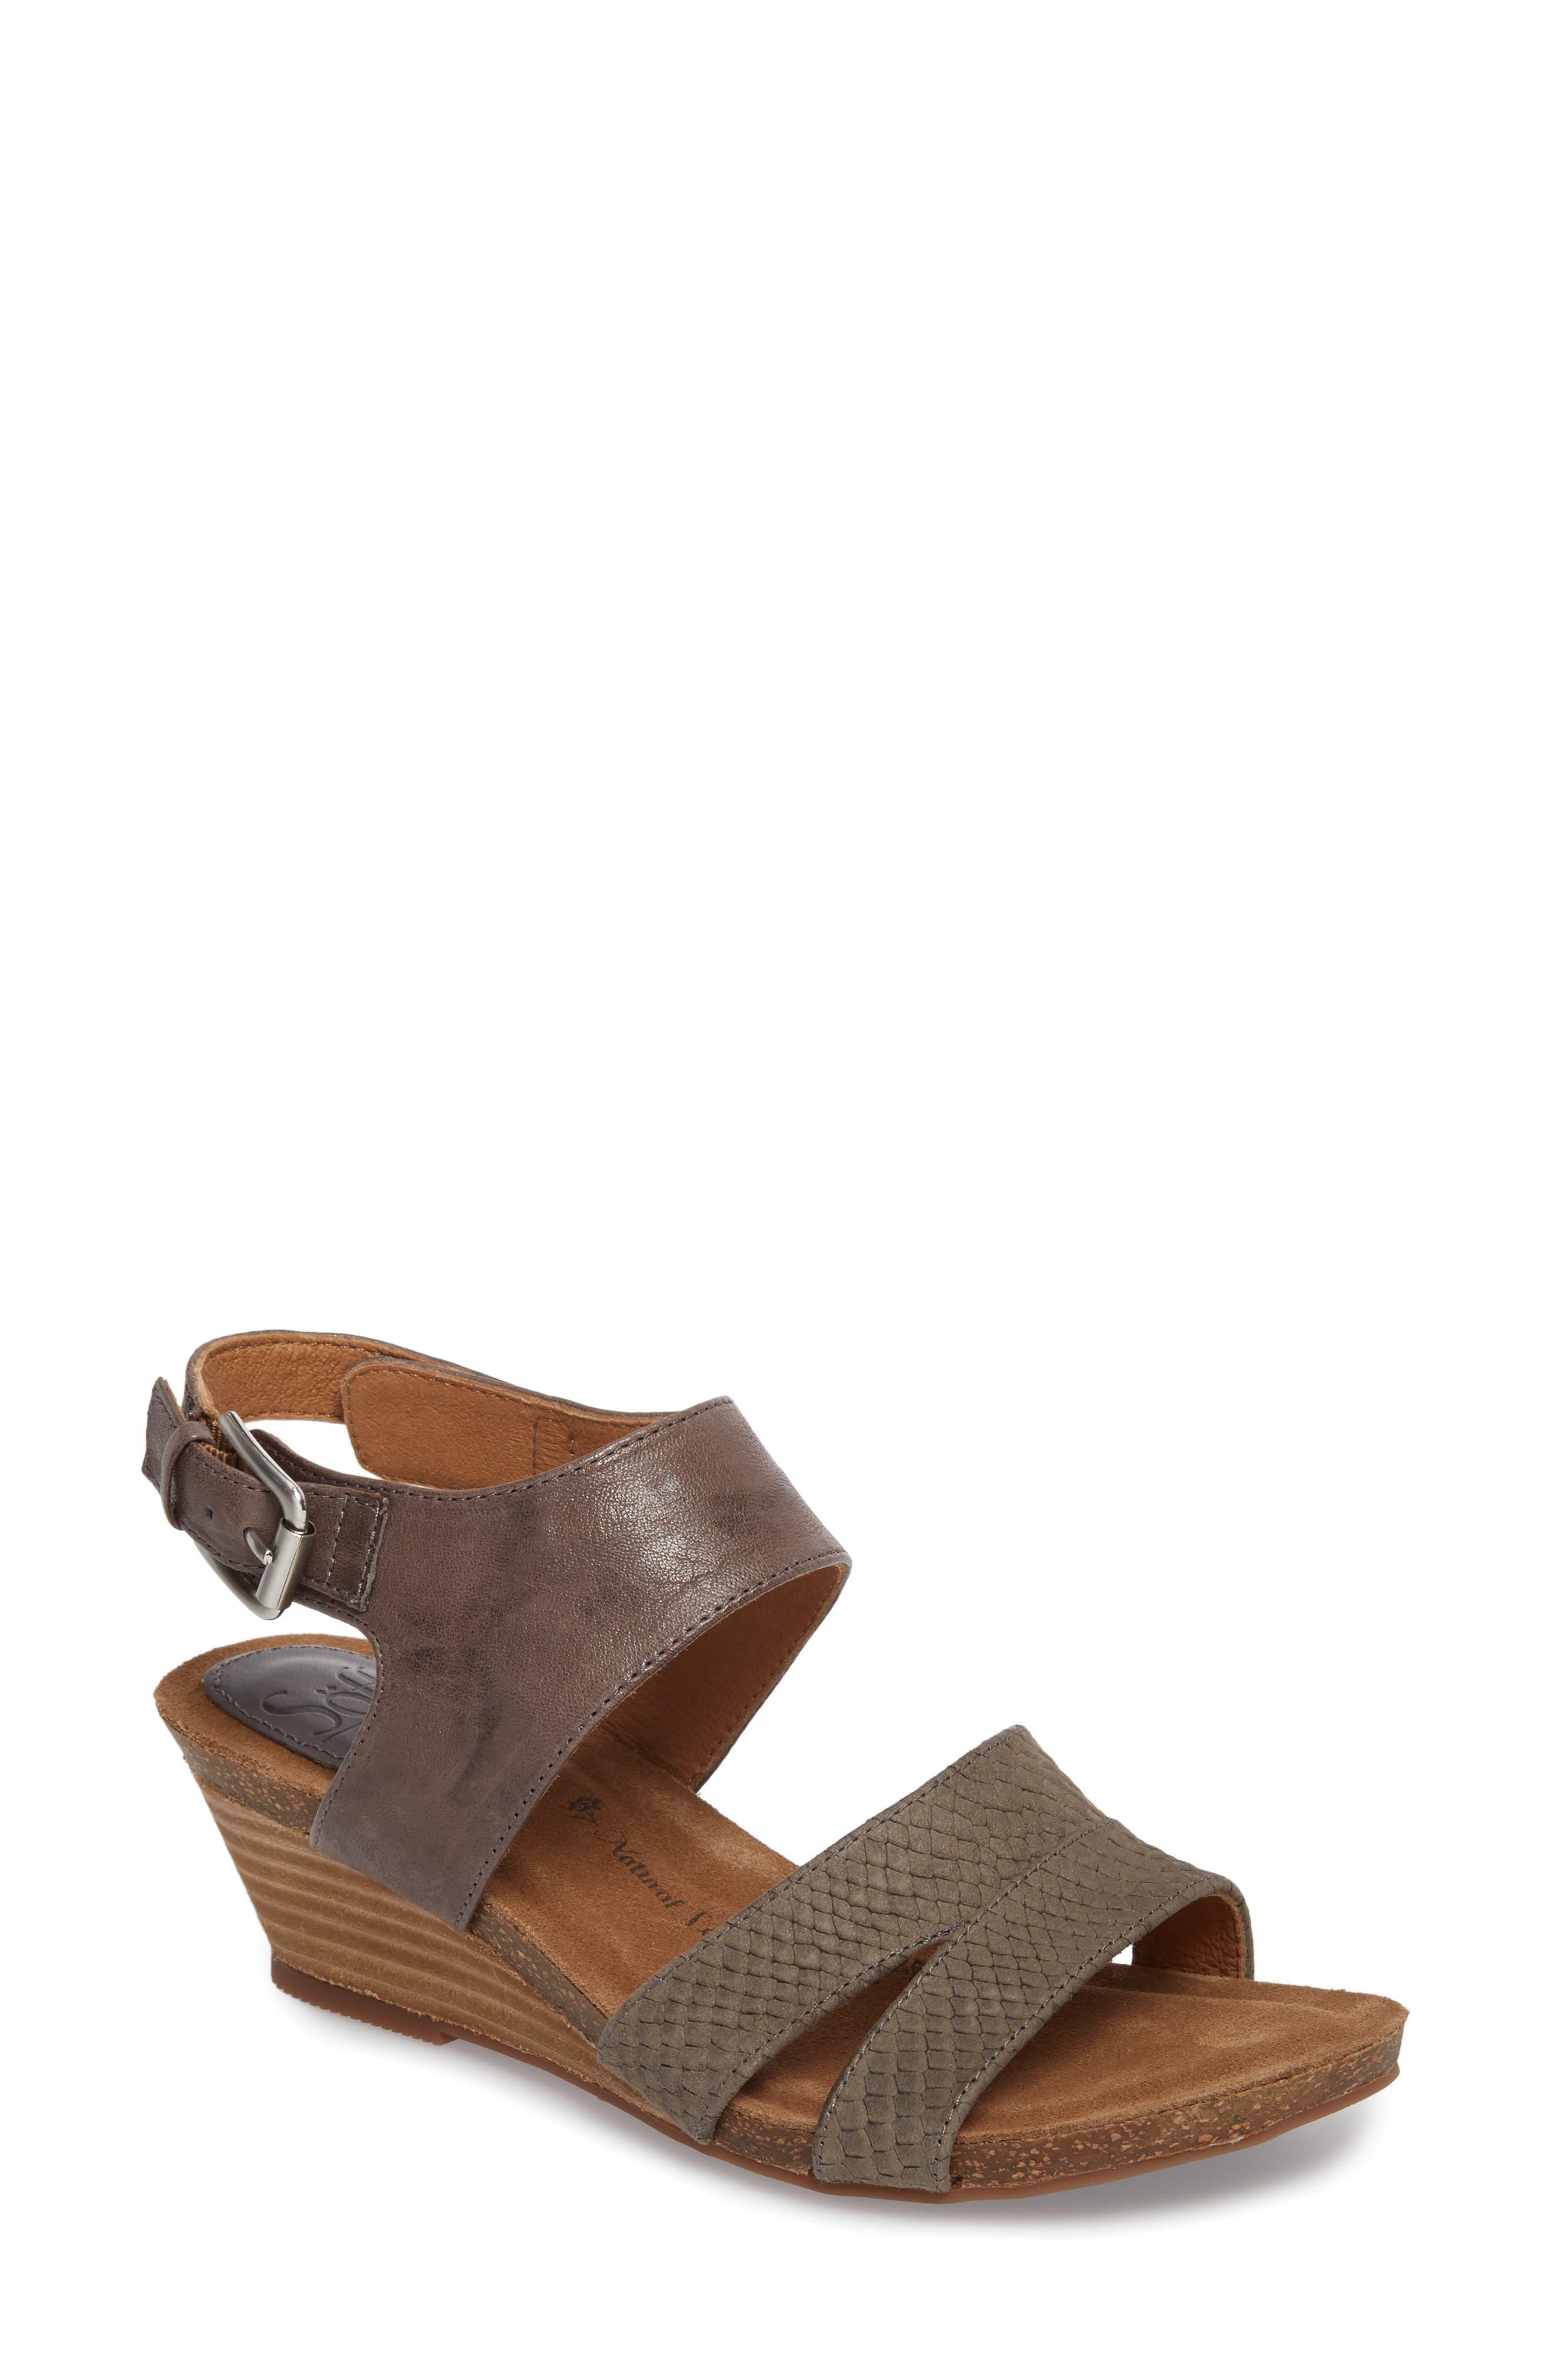 Velden Wedge Sandal,                             Main thumbnail 2, color,